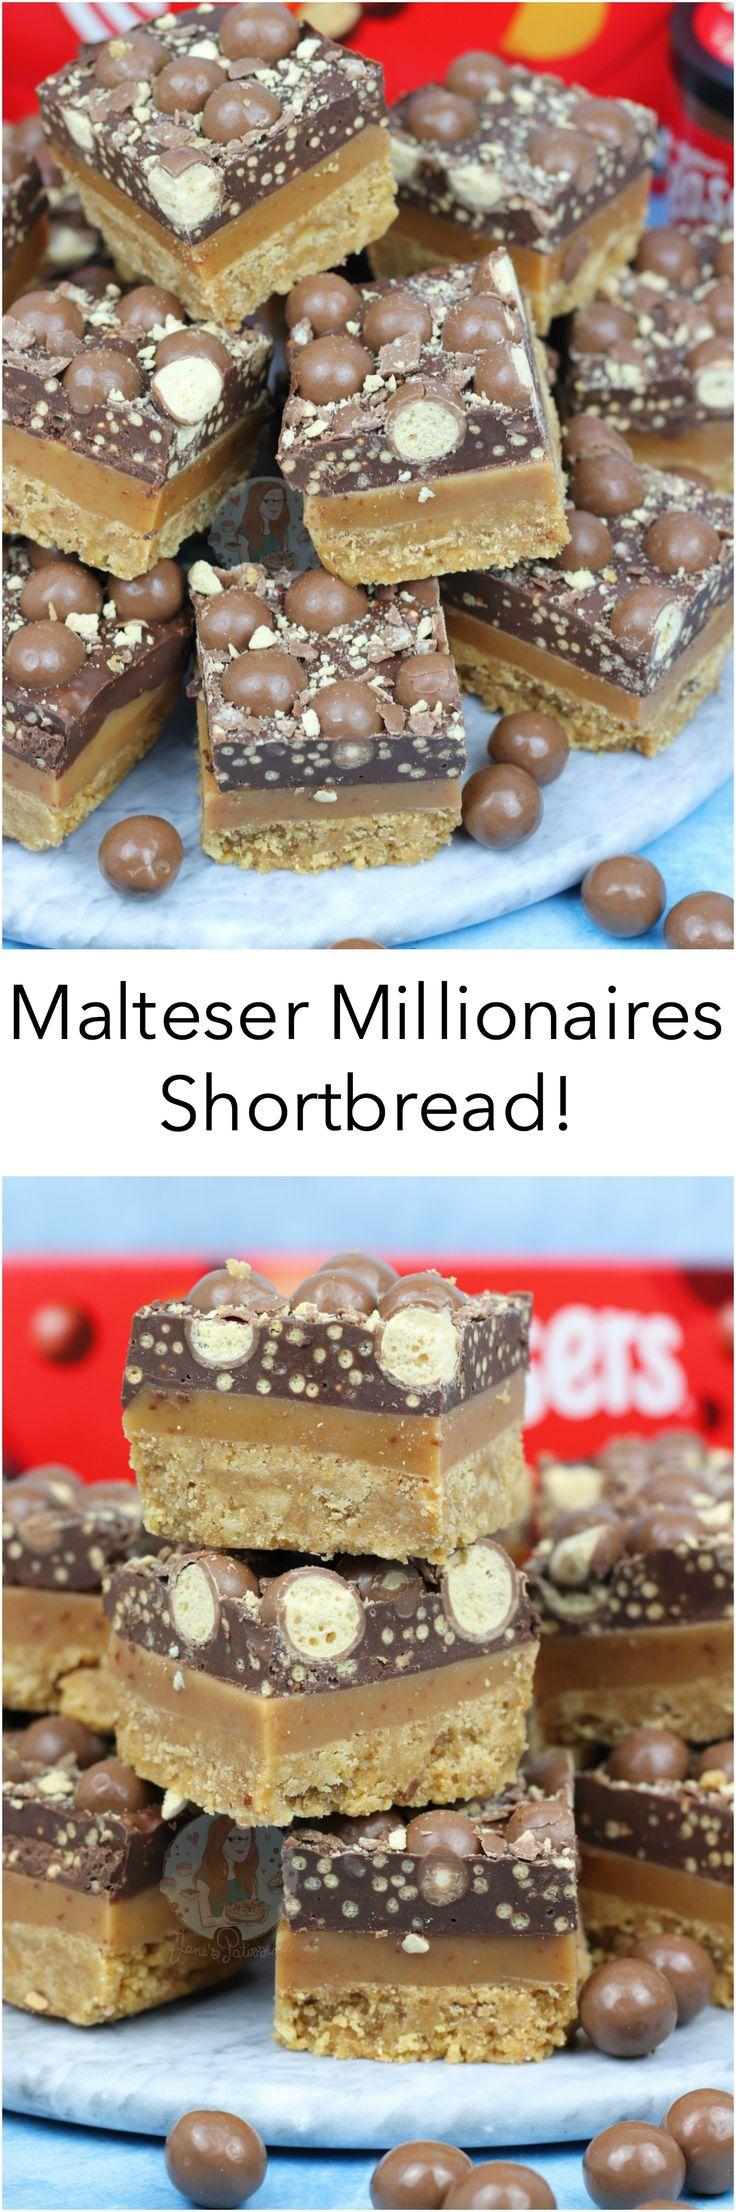 Malteser Millionaires Shortbread!!